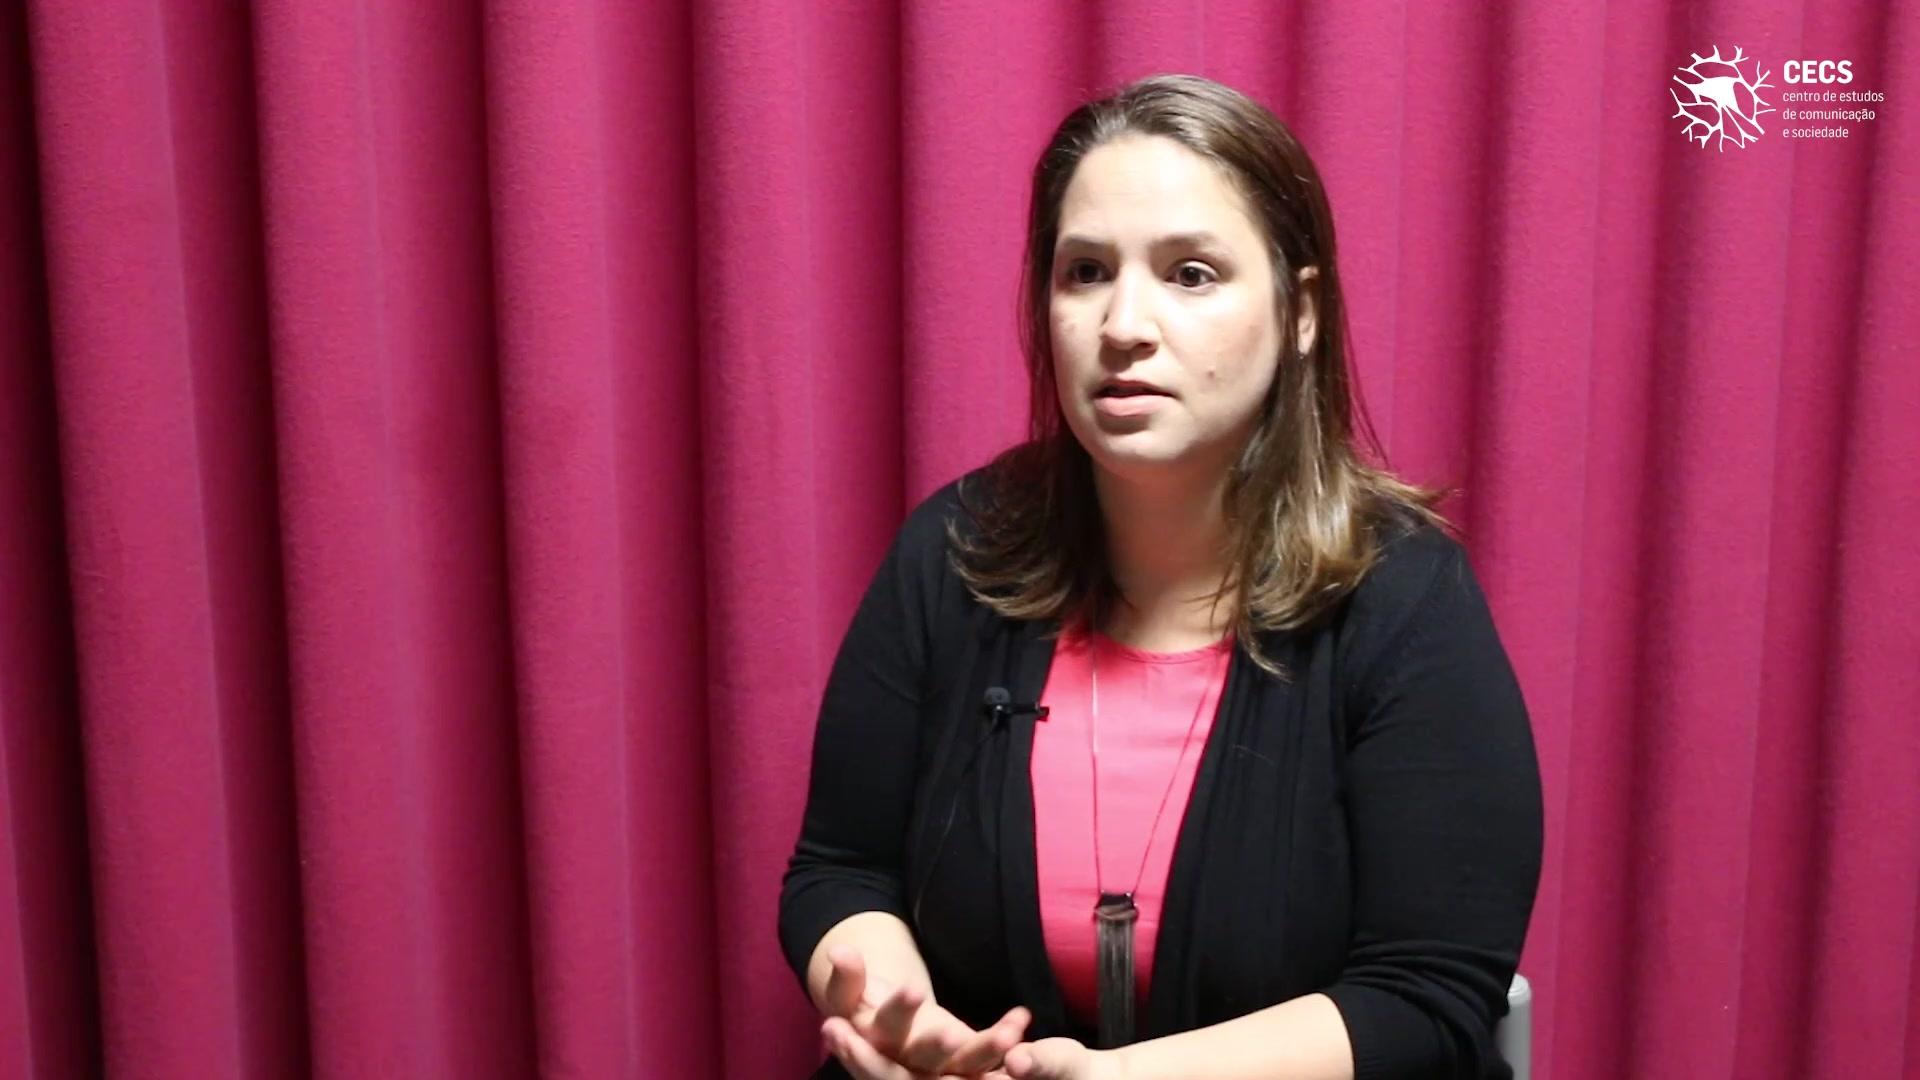 Entrevista a Mariana Alves